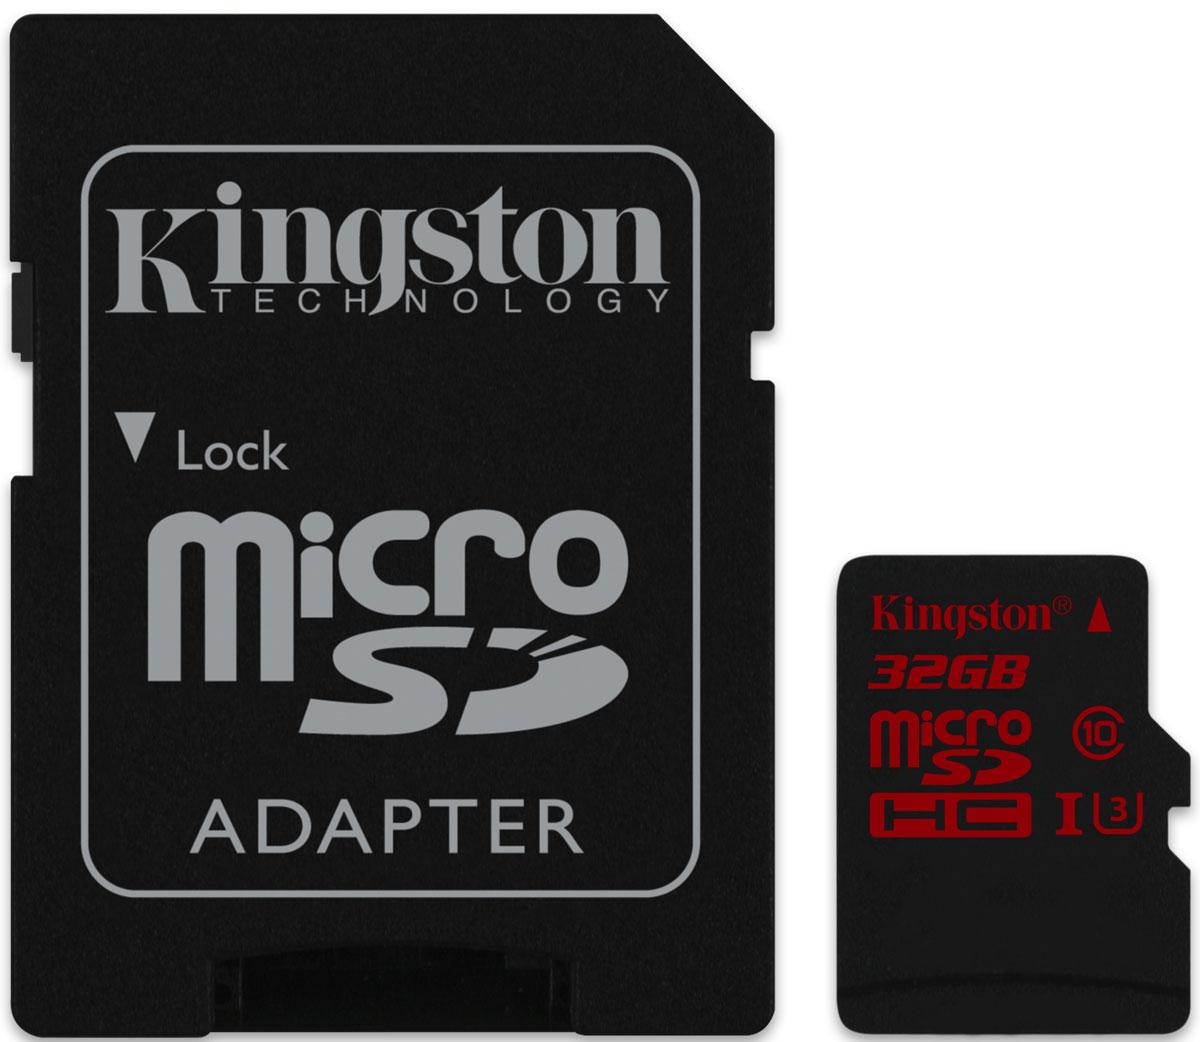 Kingston microSDHC Class 10 U3 UHS-I 32GB карта памяти с адаптеромSDCA3/32GBКарта памяти microSDHC UHS-I U3 компании Kingston обеспечивает высокую скорость класса UHS-I Class U3 до 90МБ/с (для чтения) и до 80МБ/с для записи, что позволяет записывать видео в формате Full HD (1080p), Ultra HD (2160p), 3D и 4K кинематографического качества при помощи высокопроизводительных компактных устройств, таких как смартфоны и камеры GoPro. Она также отлично подходит для прямых телевизионных трансляций и записей. Карта памяти обеспечивает высокую скорость копирования и редактирования, особенно в устройствах чтения карт памяти с интерфейсом USB 3.0. Повышенная постоянная скорость записи гарантирует целостность видео и позволяет делать серии снимков. Воспользуйтесь адаптером, чтобы использовать карту памяти в хост-устройствах SDHC со стандартным размером карты памяти SD, таких как камеры DSLR, видеокамеры и планшеты с большой диагональю экрана. Карта памяти microSDHC UHS-I U3 обеспечивает безопасное хранение фотографий, видео и других важных...